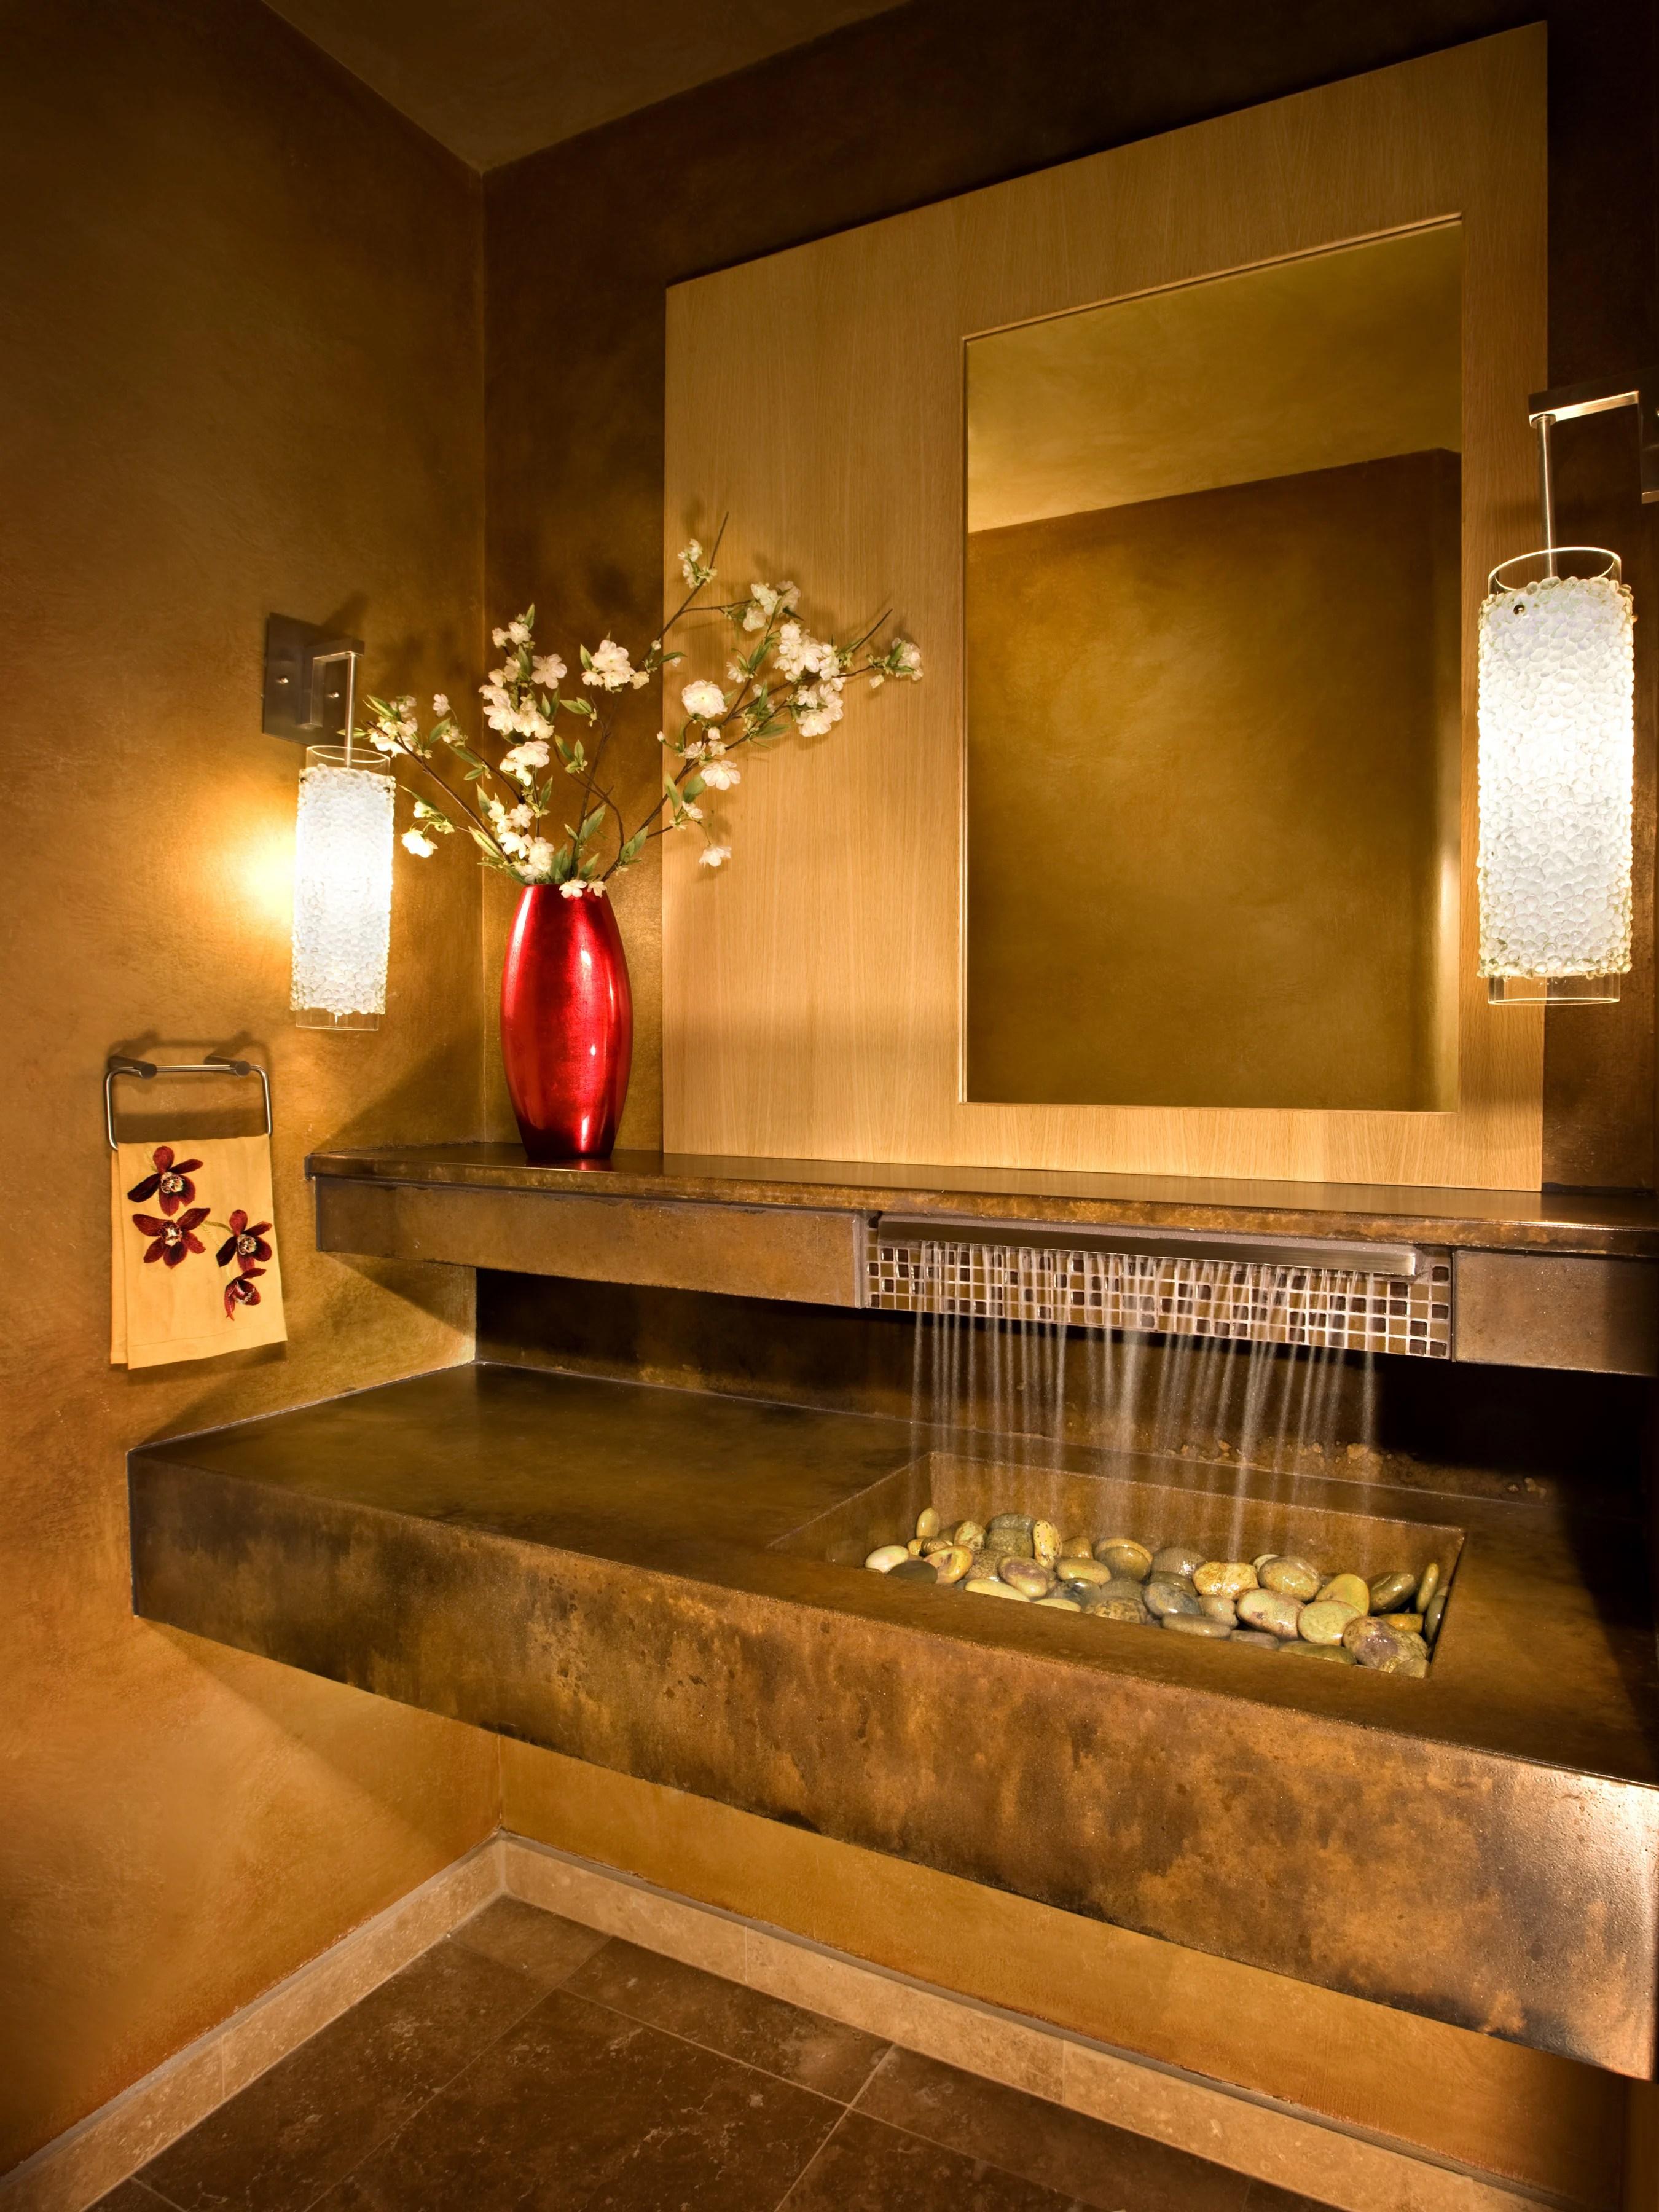 Increíbles y novedosos diseños en lavabos para baño o cocina on Remodel:ll6Wzx8Nqba= Small Kitchen Ideas  id=93240